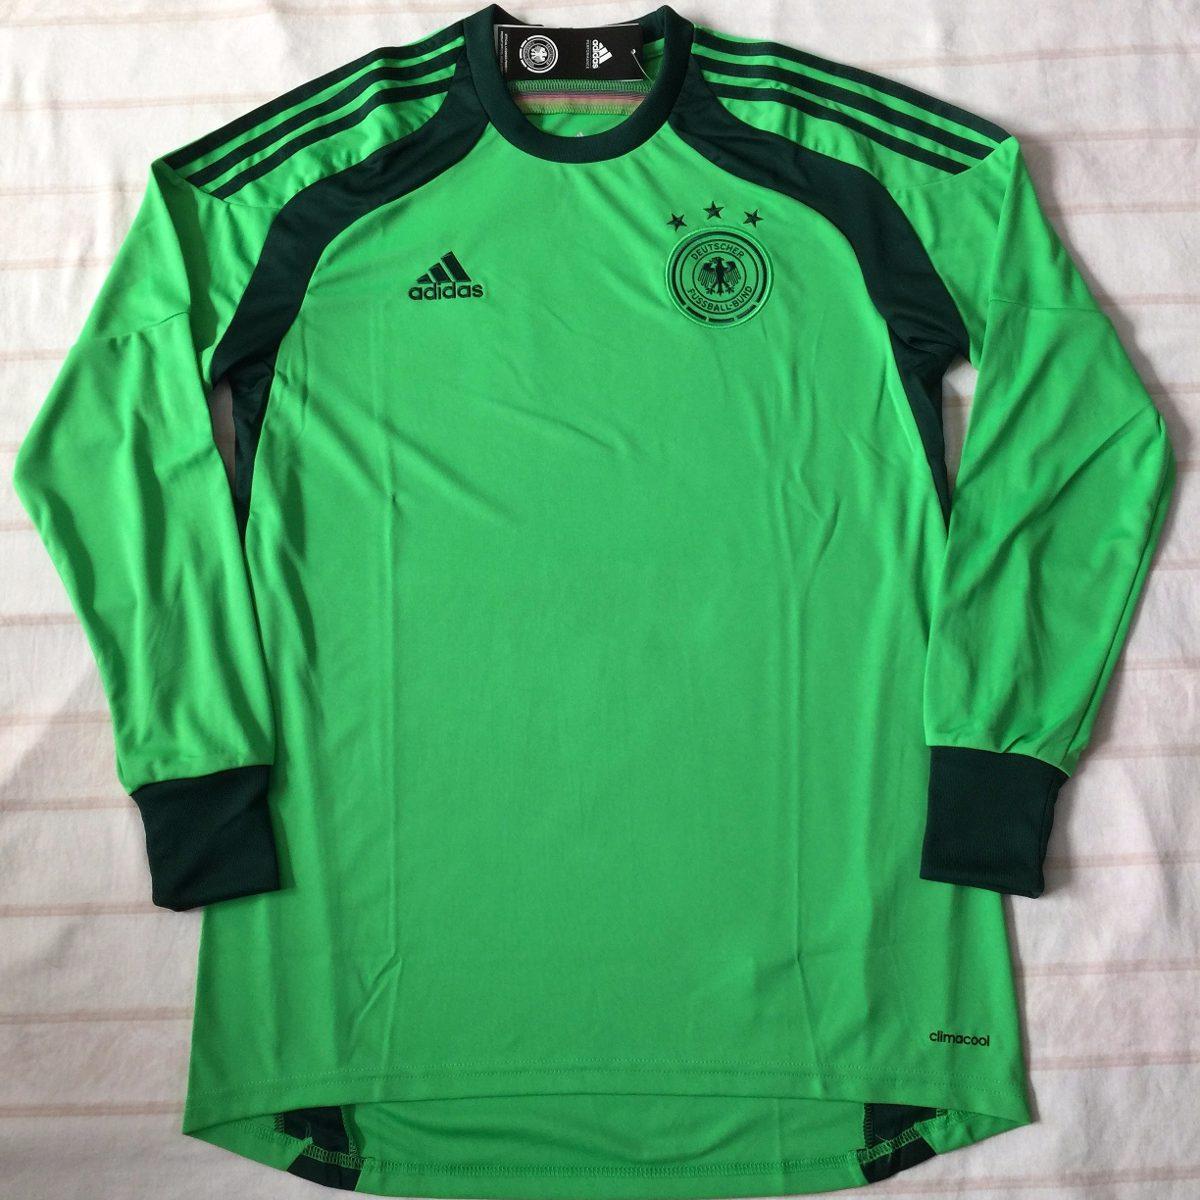 269adef75bb62 d85421 camisa goleiro adidas alemanha 2014 m verde fn1608. Carregando zoom.